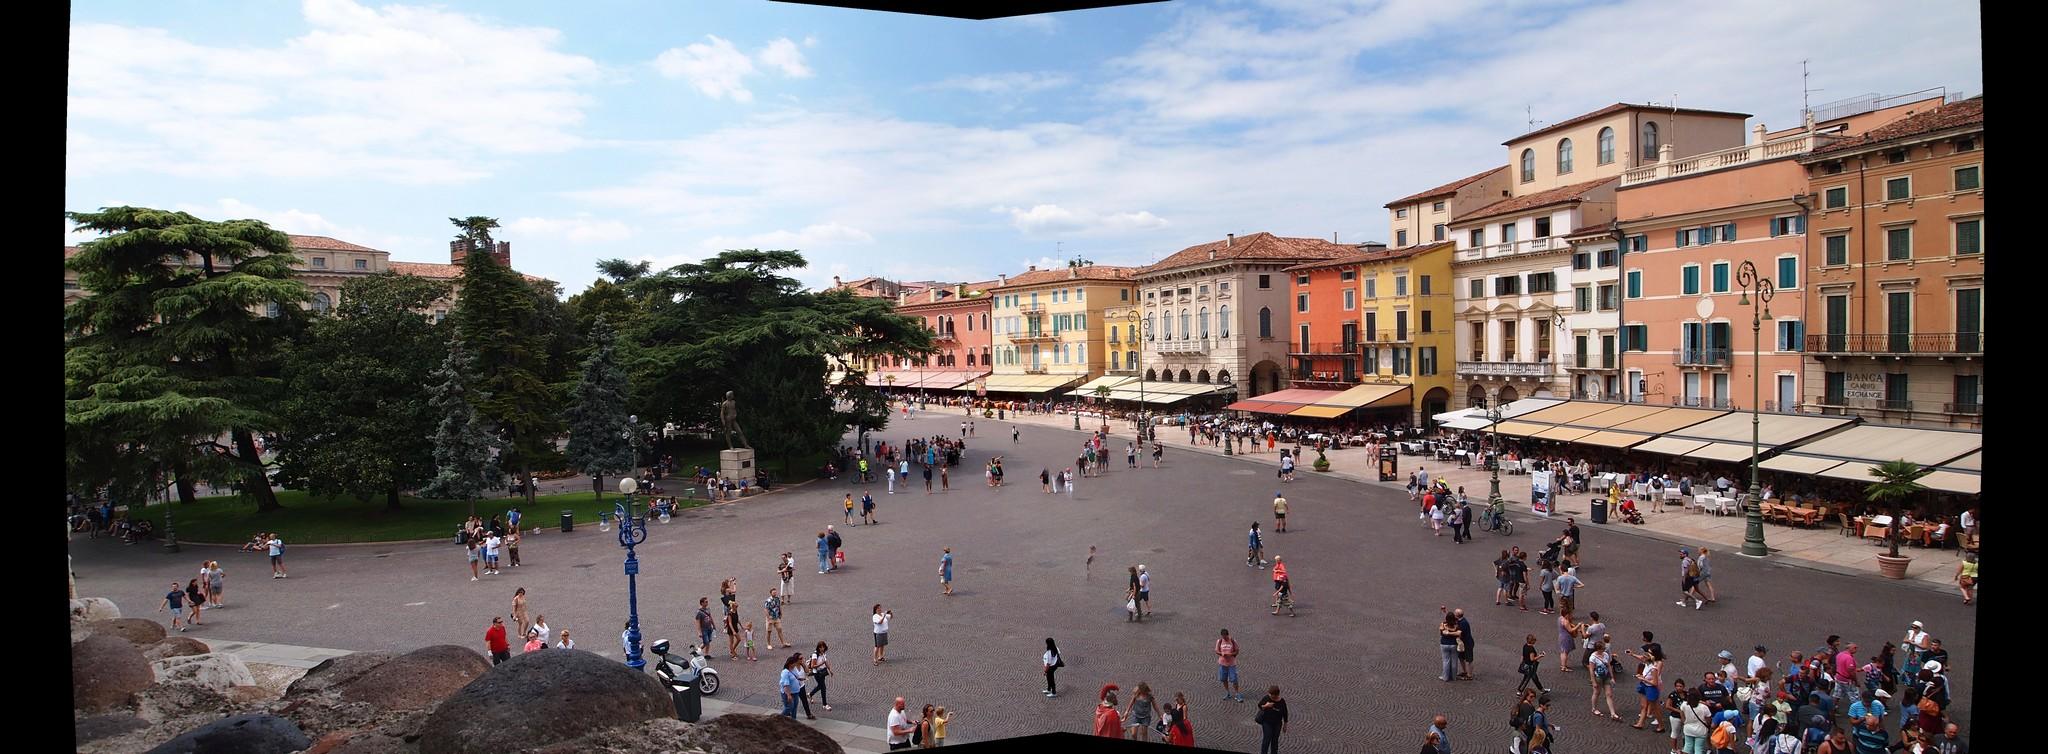 P8228075 Panorama.jpg